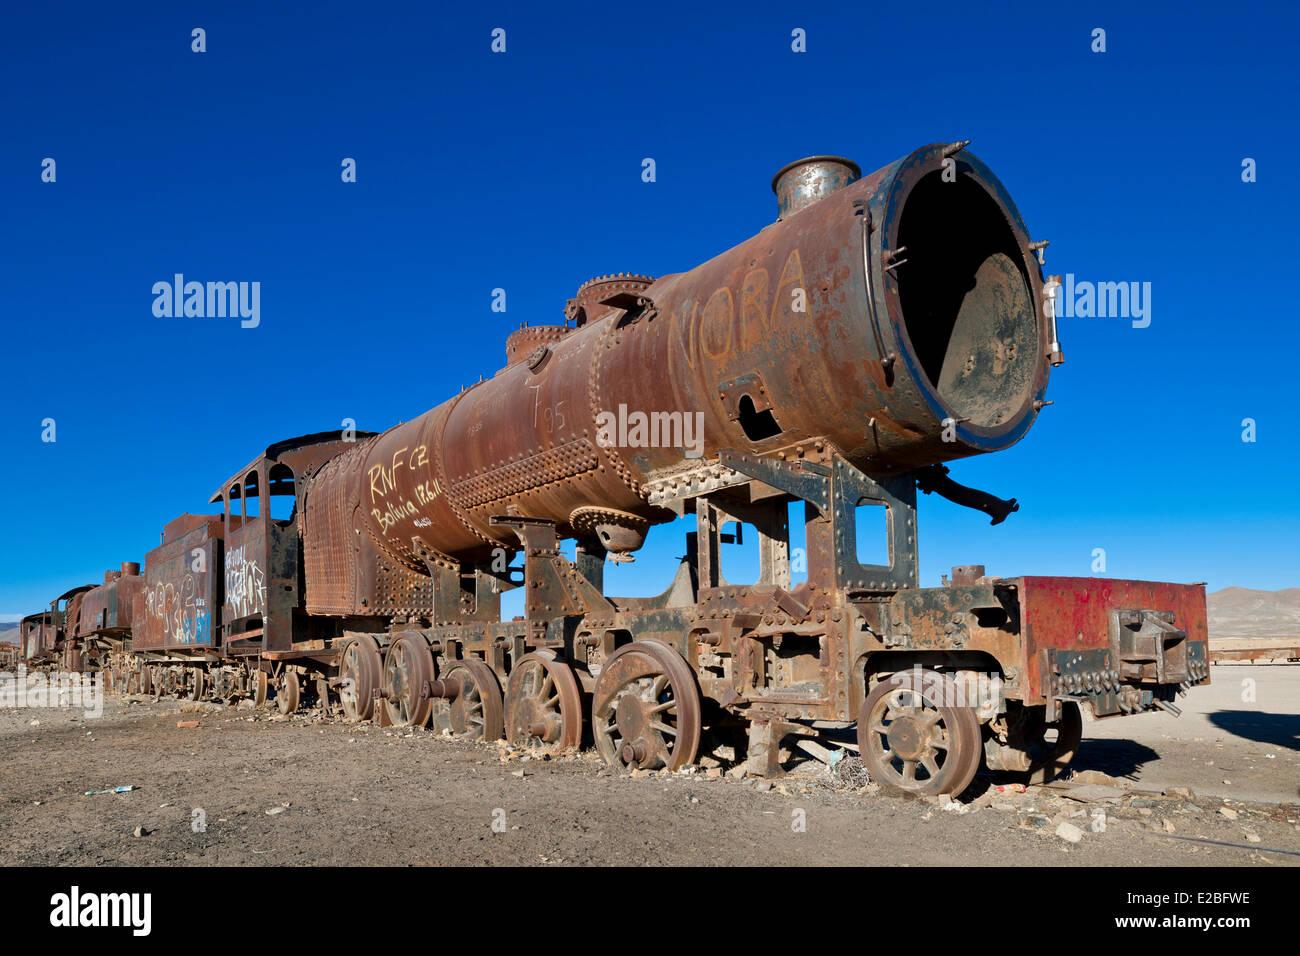 Bolivia, Potosi Department, Salar de Uyuni, Uyuni, train cimetery - Stock Image